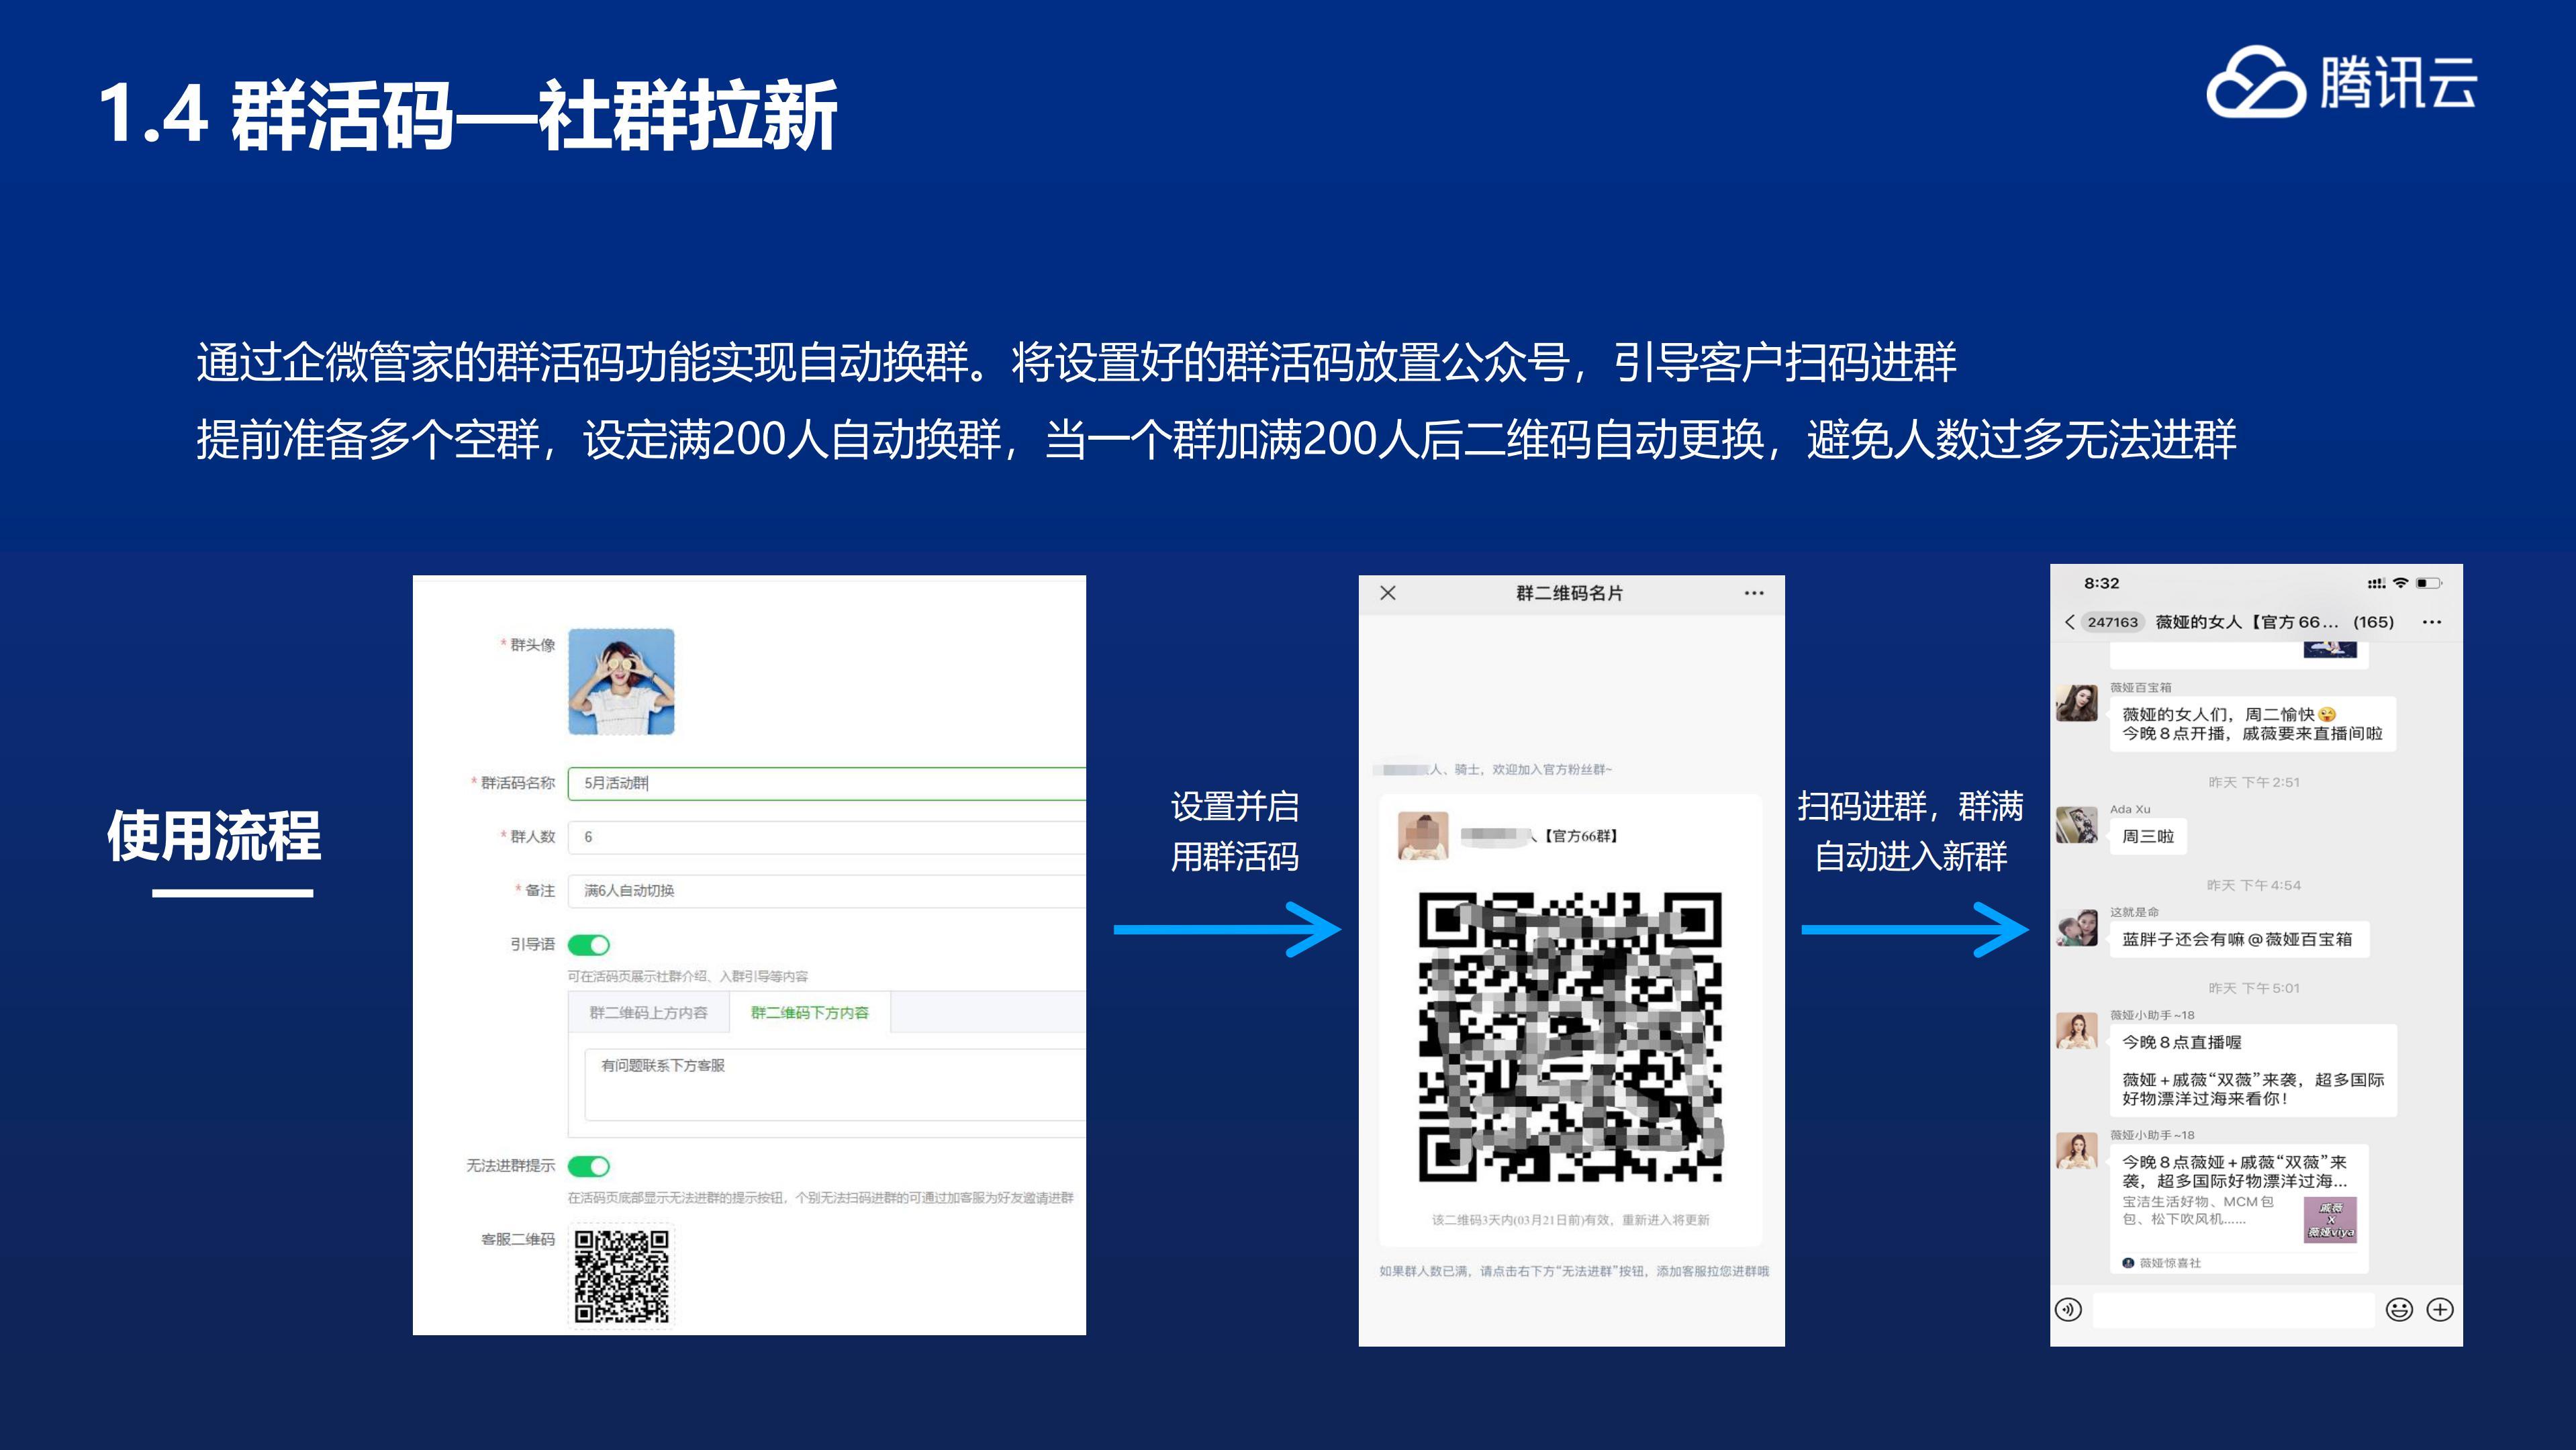 腾讯云企微管家产品介绍_12.jpg